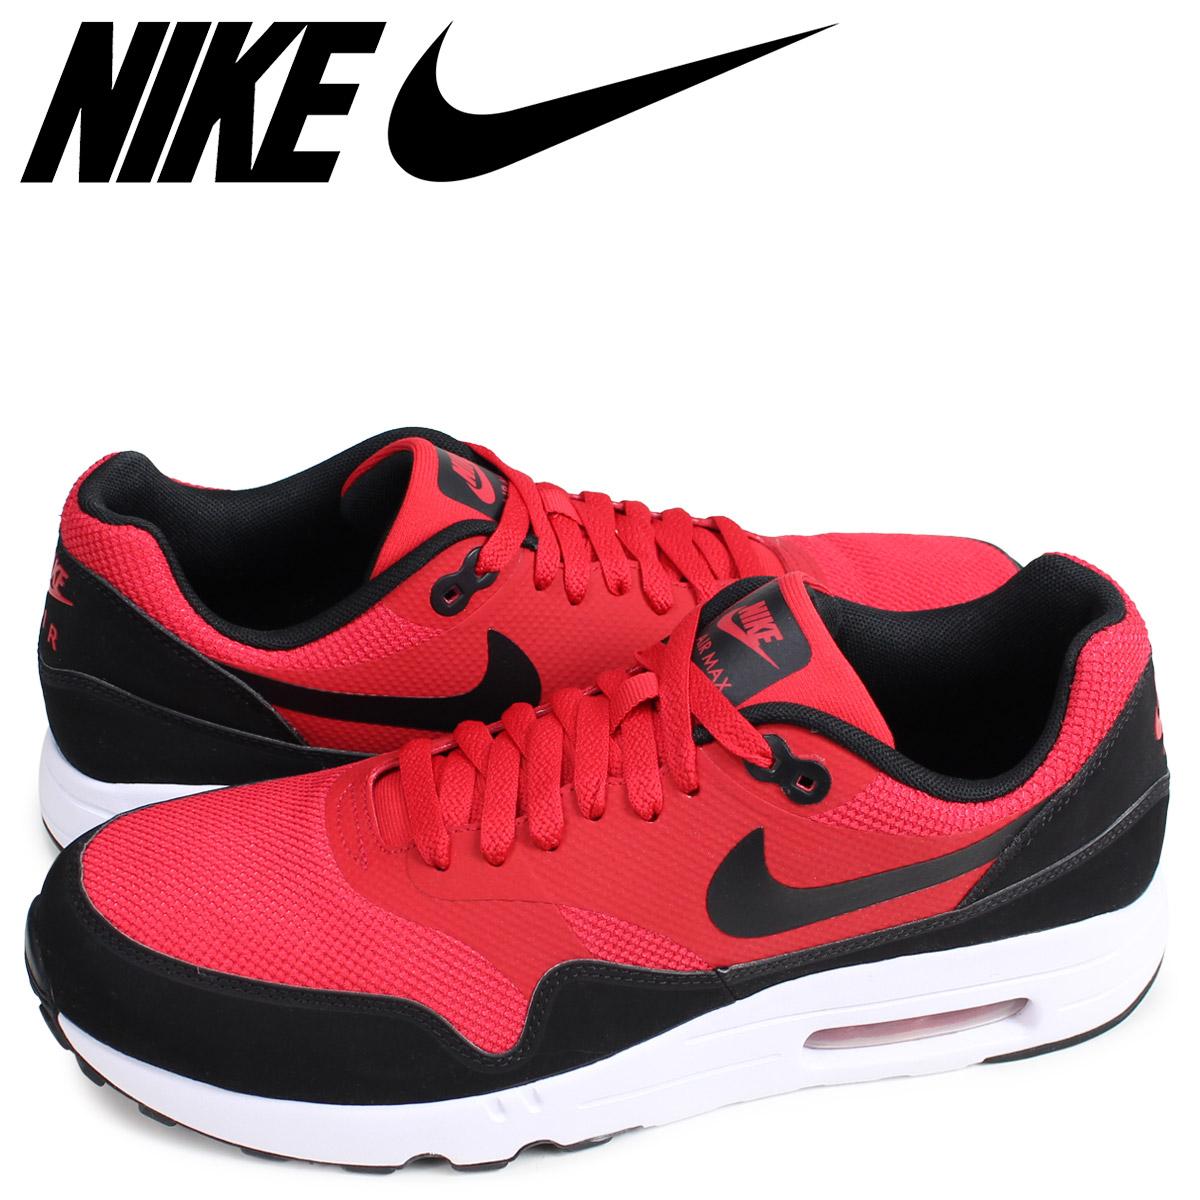 NIKE AIR MAX 1 ULTRA 2.0 ESSENTIAL Kie Ney AMAX 1 essential sneakers men red 875,679 600